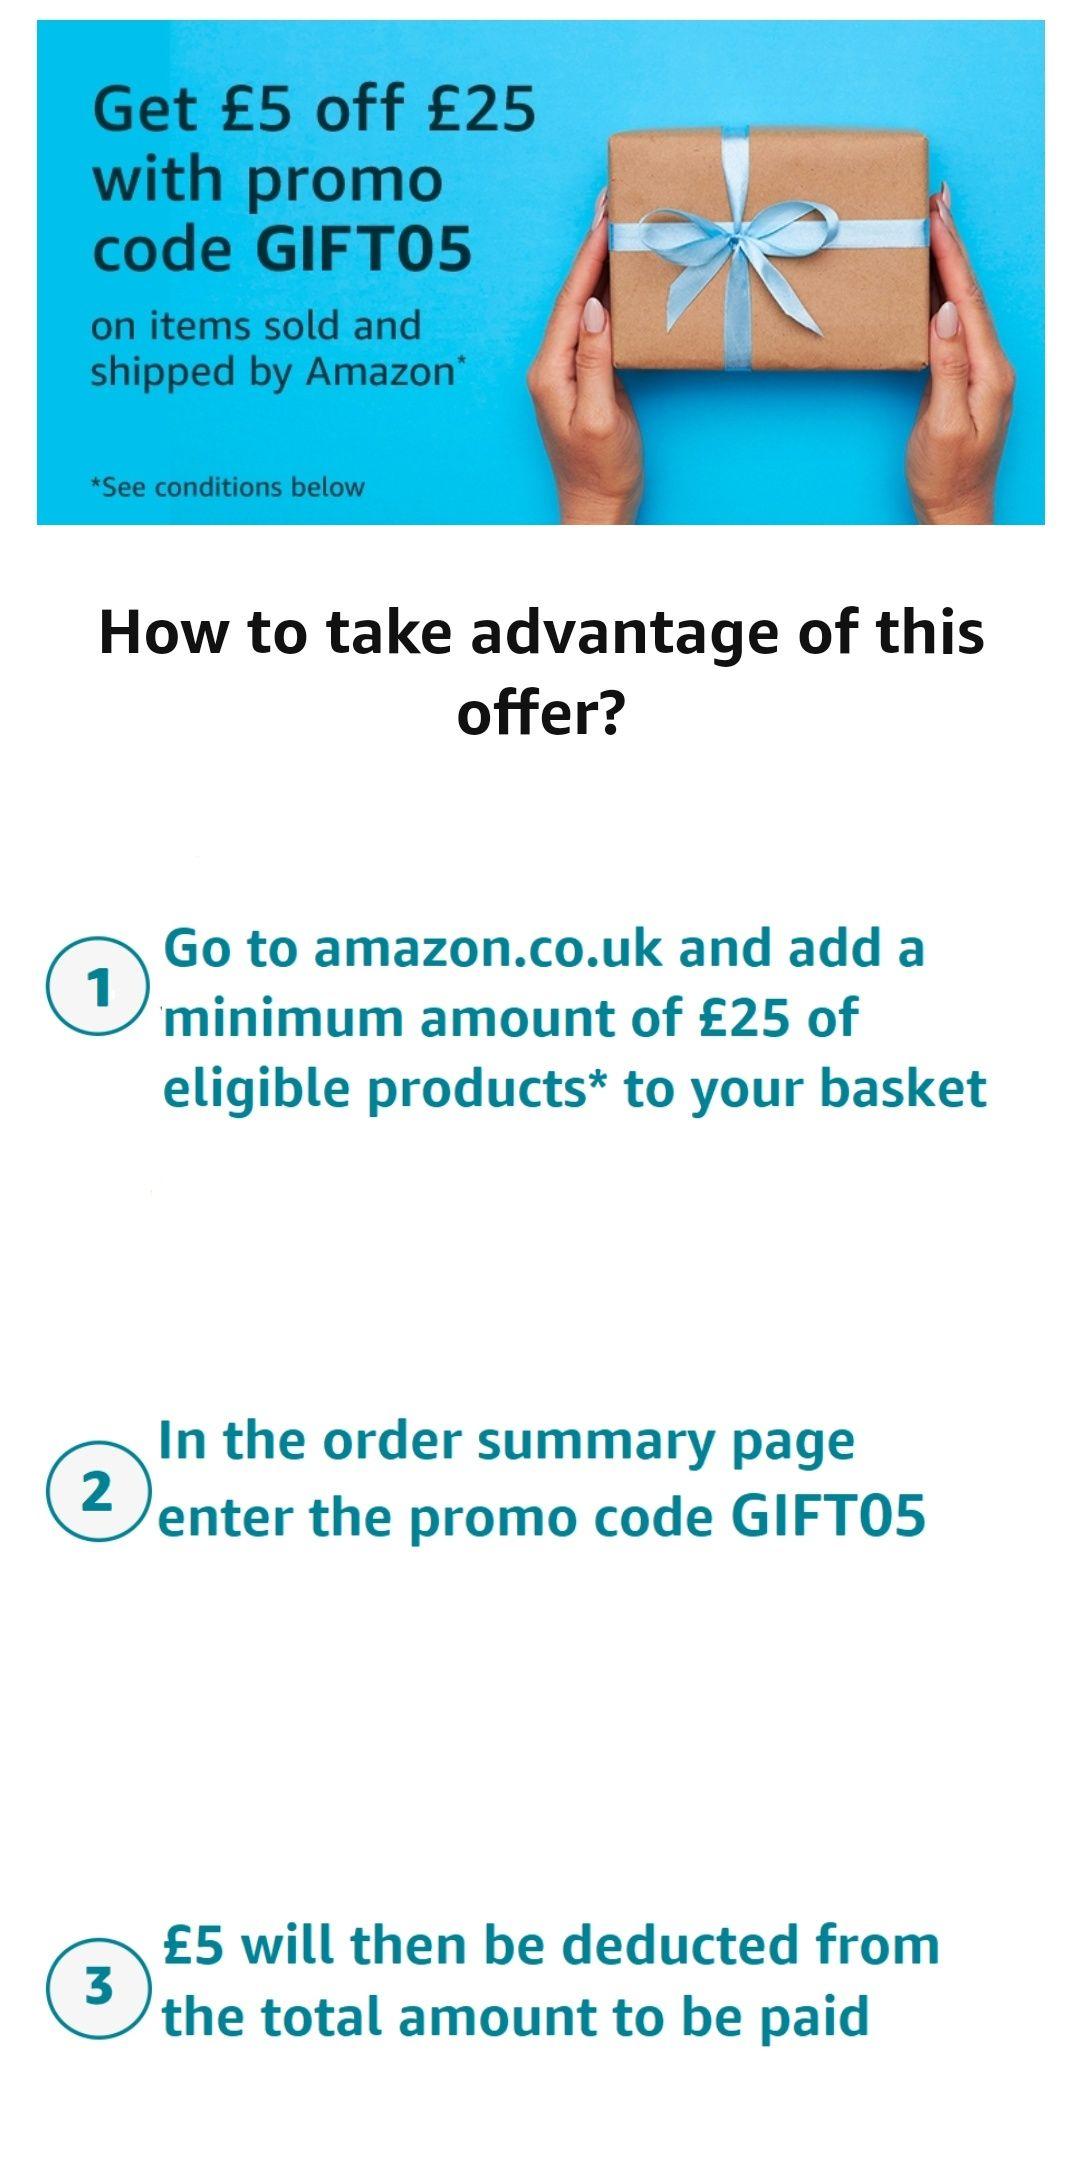 [Amazon.co.uk] 5 pfund Gutschein bei 25 Pfund mbw